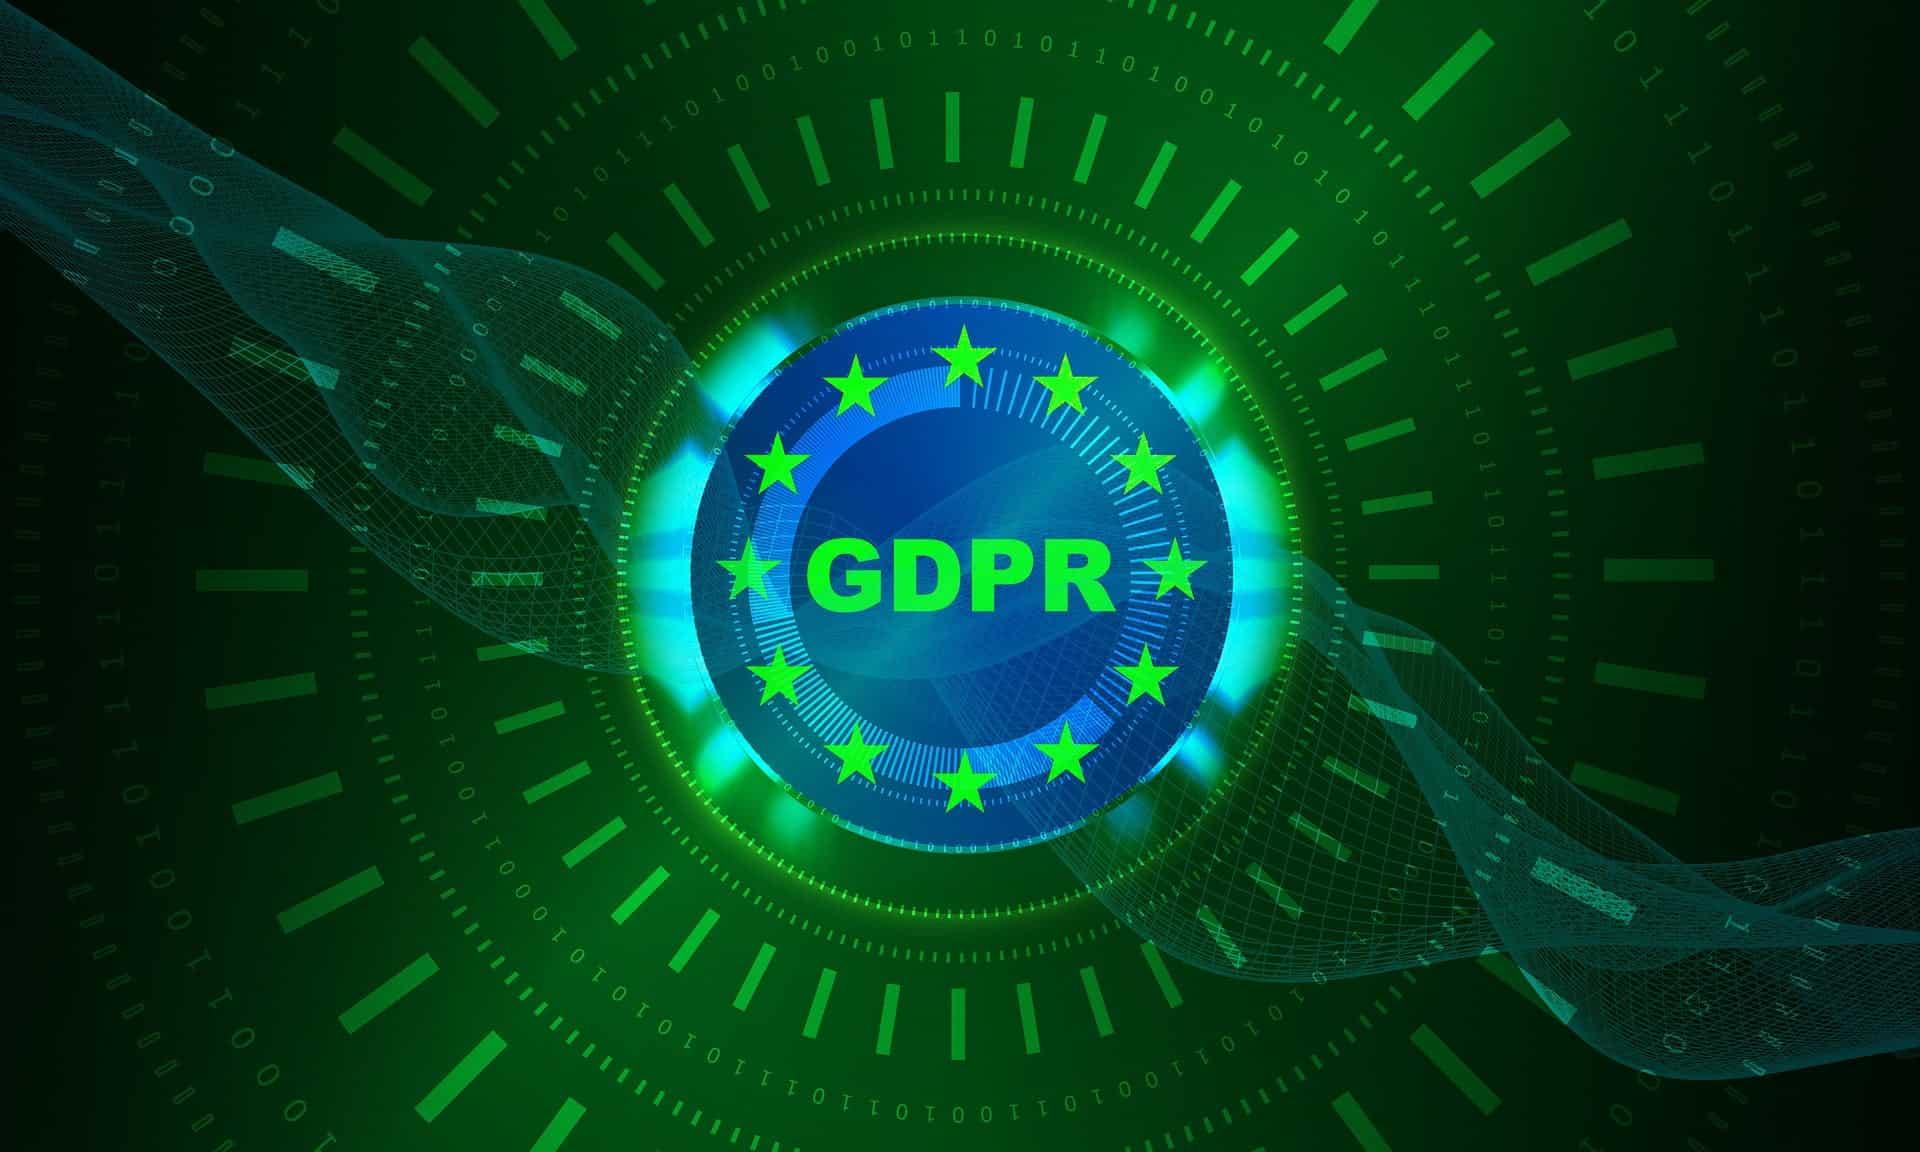 Cos'è il GDPR e perché e così importante